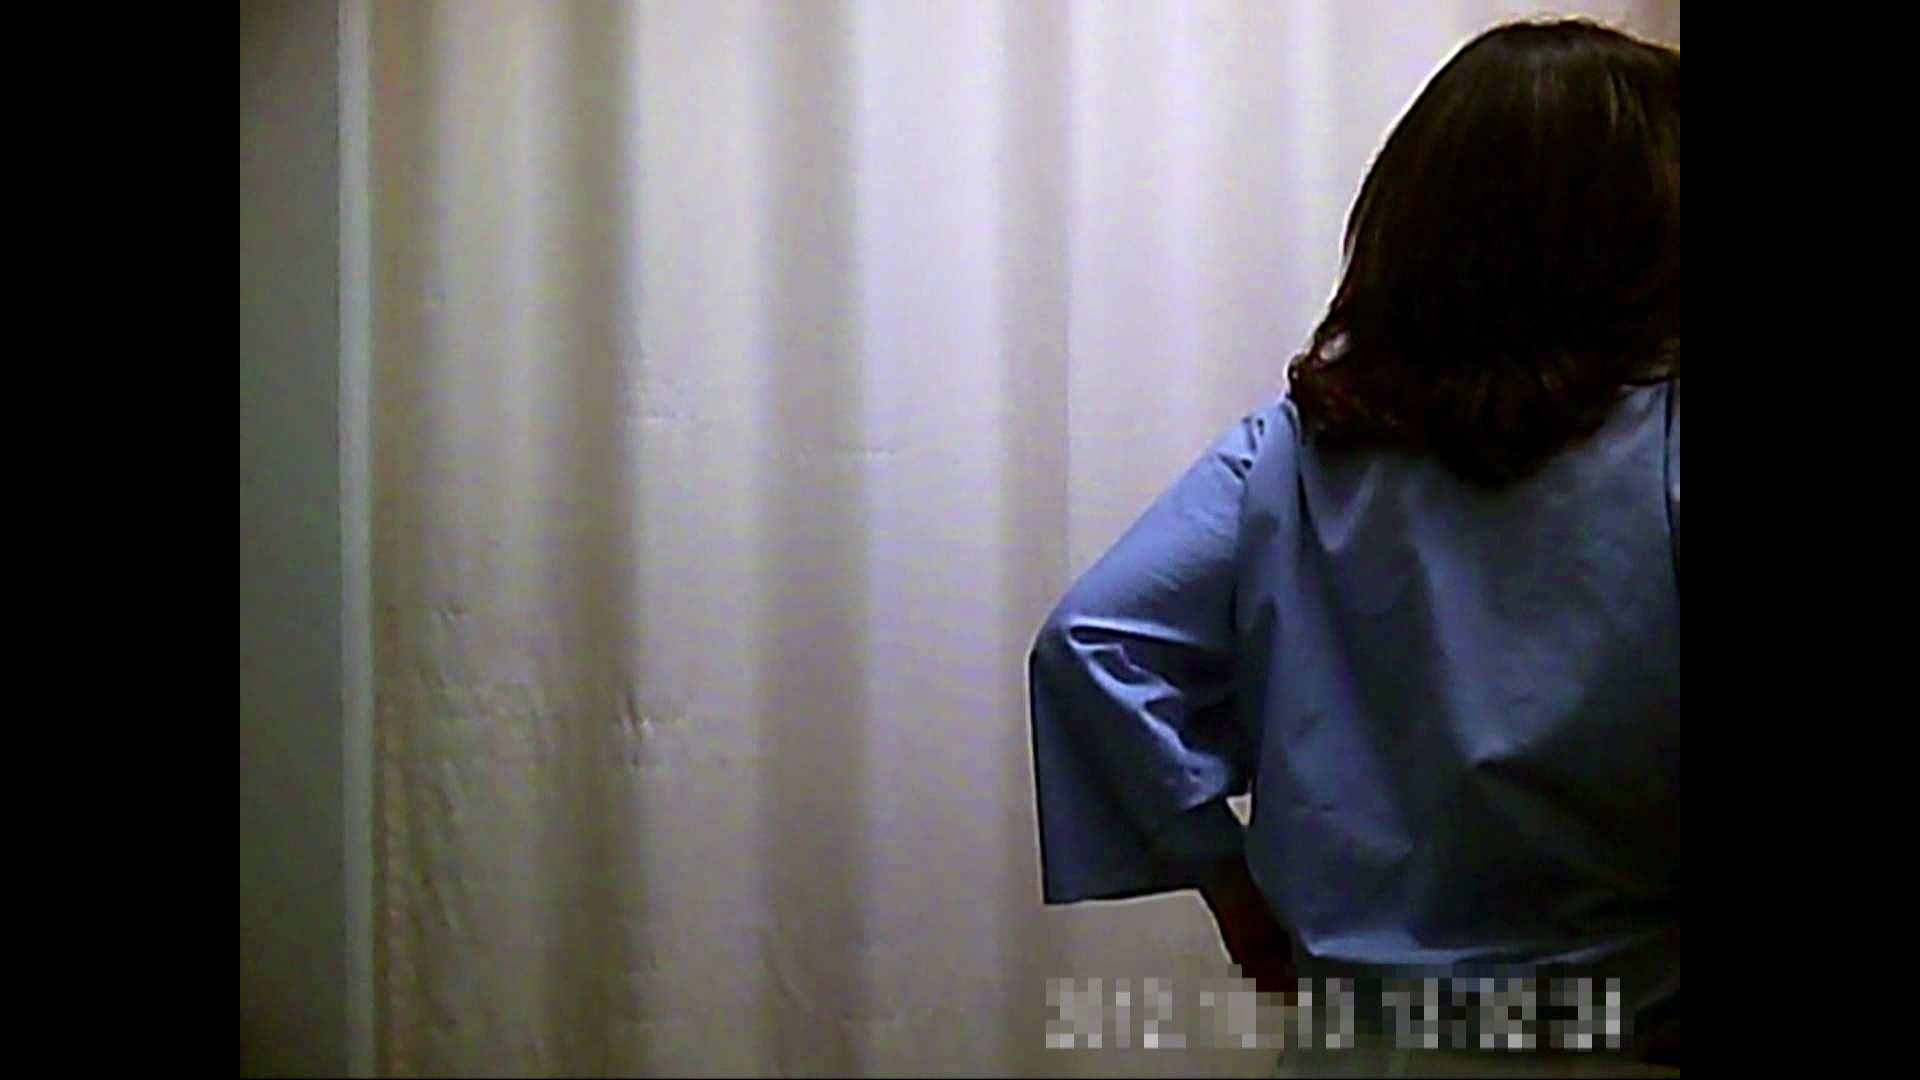 元医者による反抗 更衣室地獄絵巻 vol.059 OLハメ撮り  95Pix 6